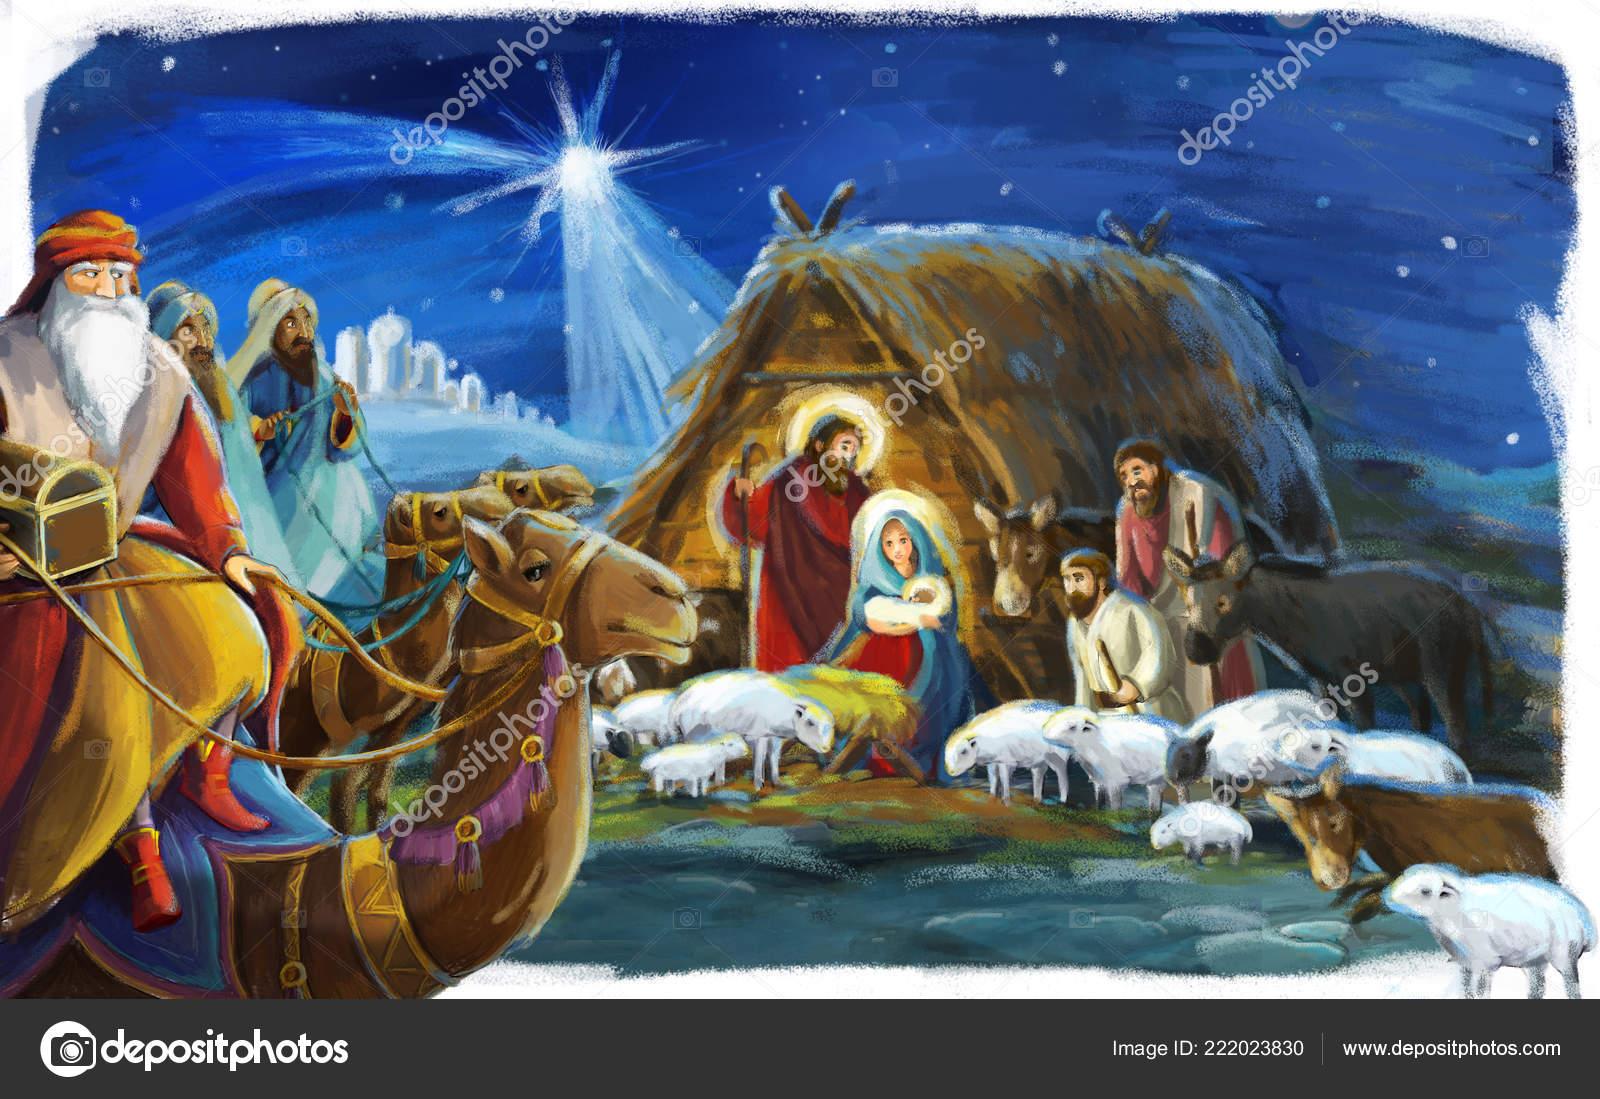 Imagenes Sagrada Familia Navidad.Escena Navidad Tradicional Con Sagrada Familia Para Uso